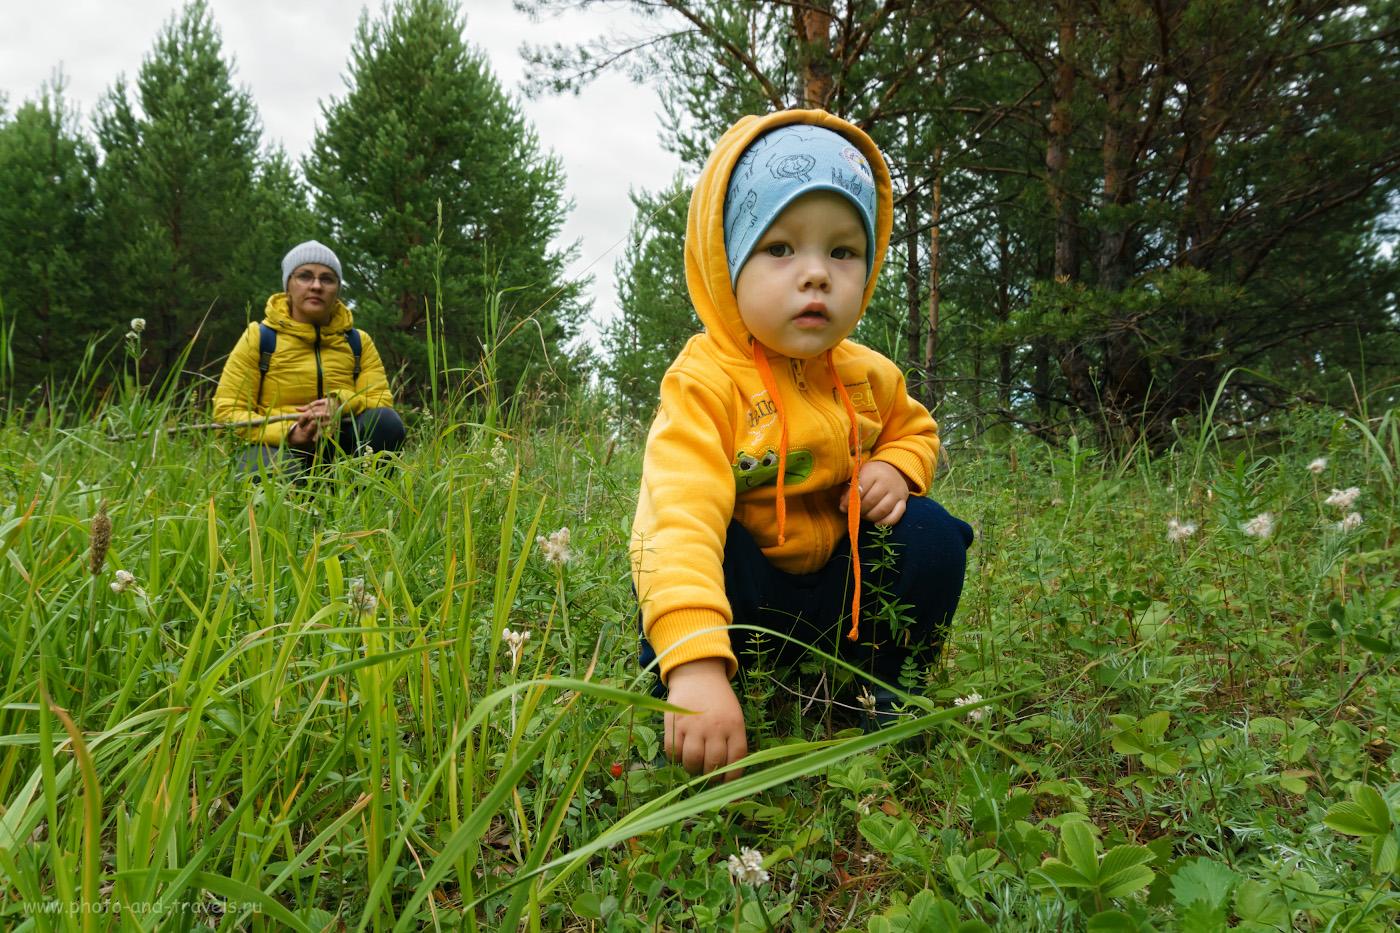 6. Хорошее место для прогулки с маленьким ребенком. И земляника уже созрела. 1/320, 9.0, 500, -0.7, 16.